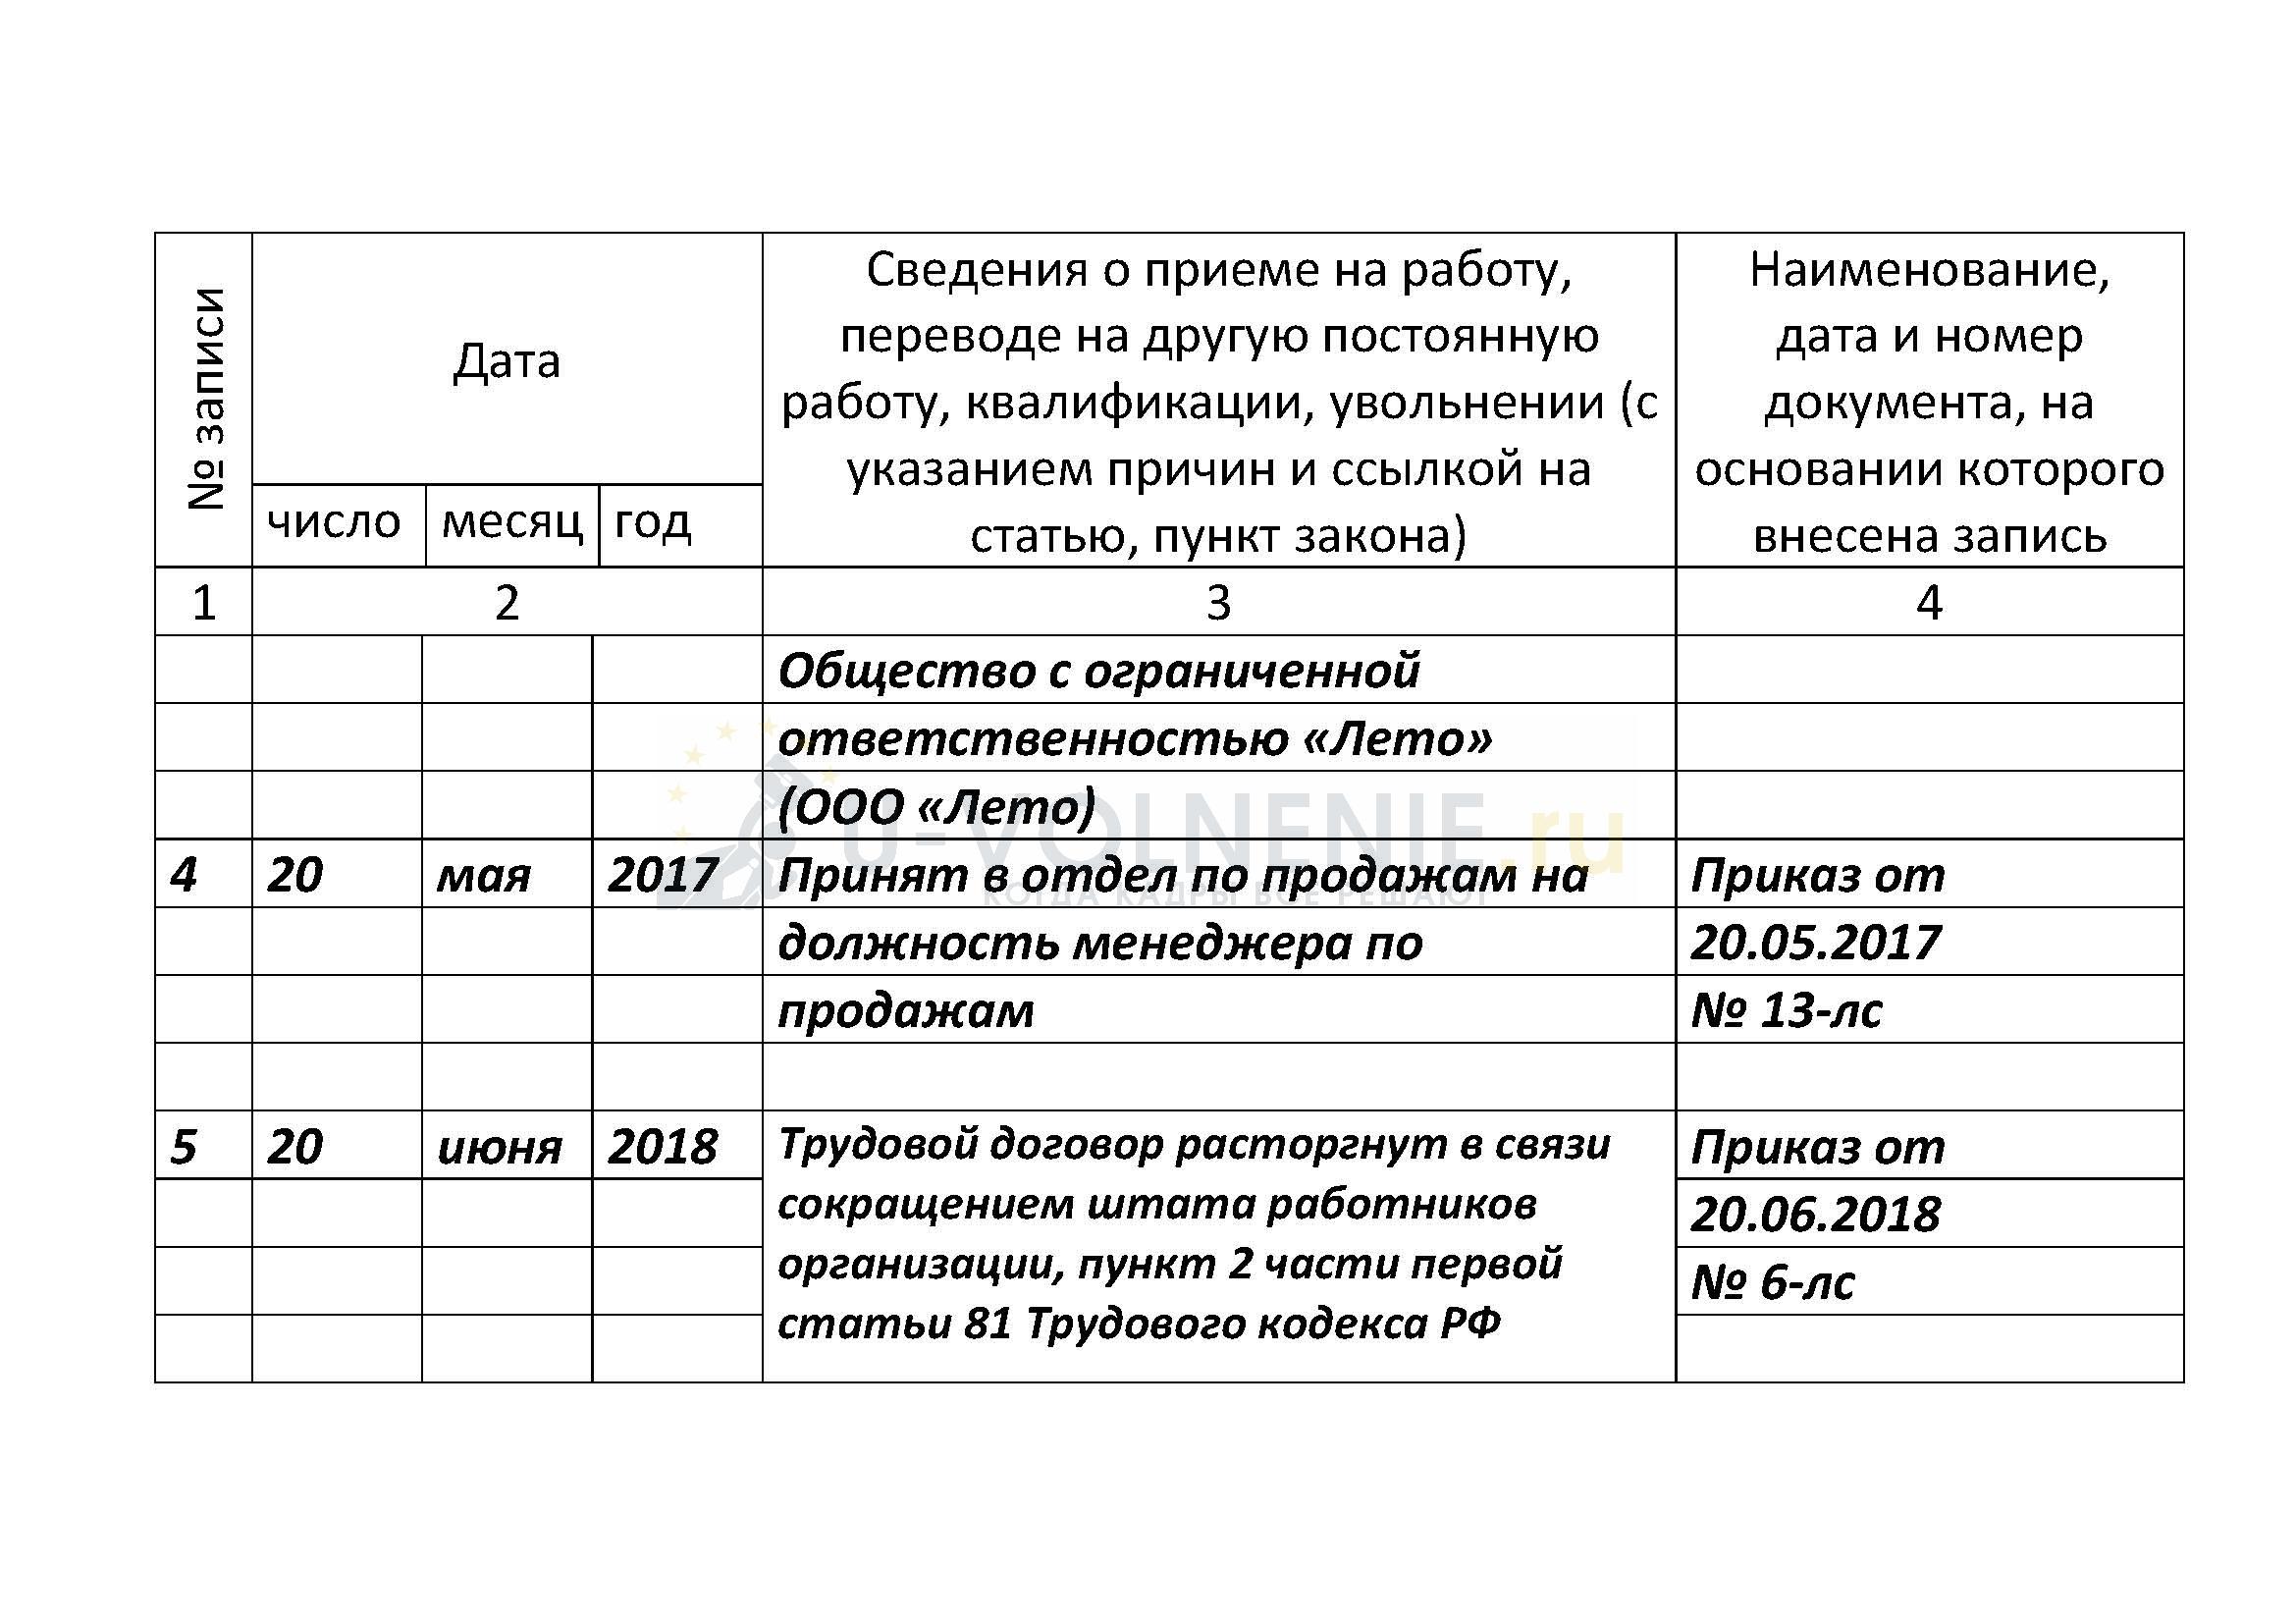 Выплаты при сокращении штата по тк рф в 2020 году (пример)